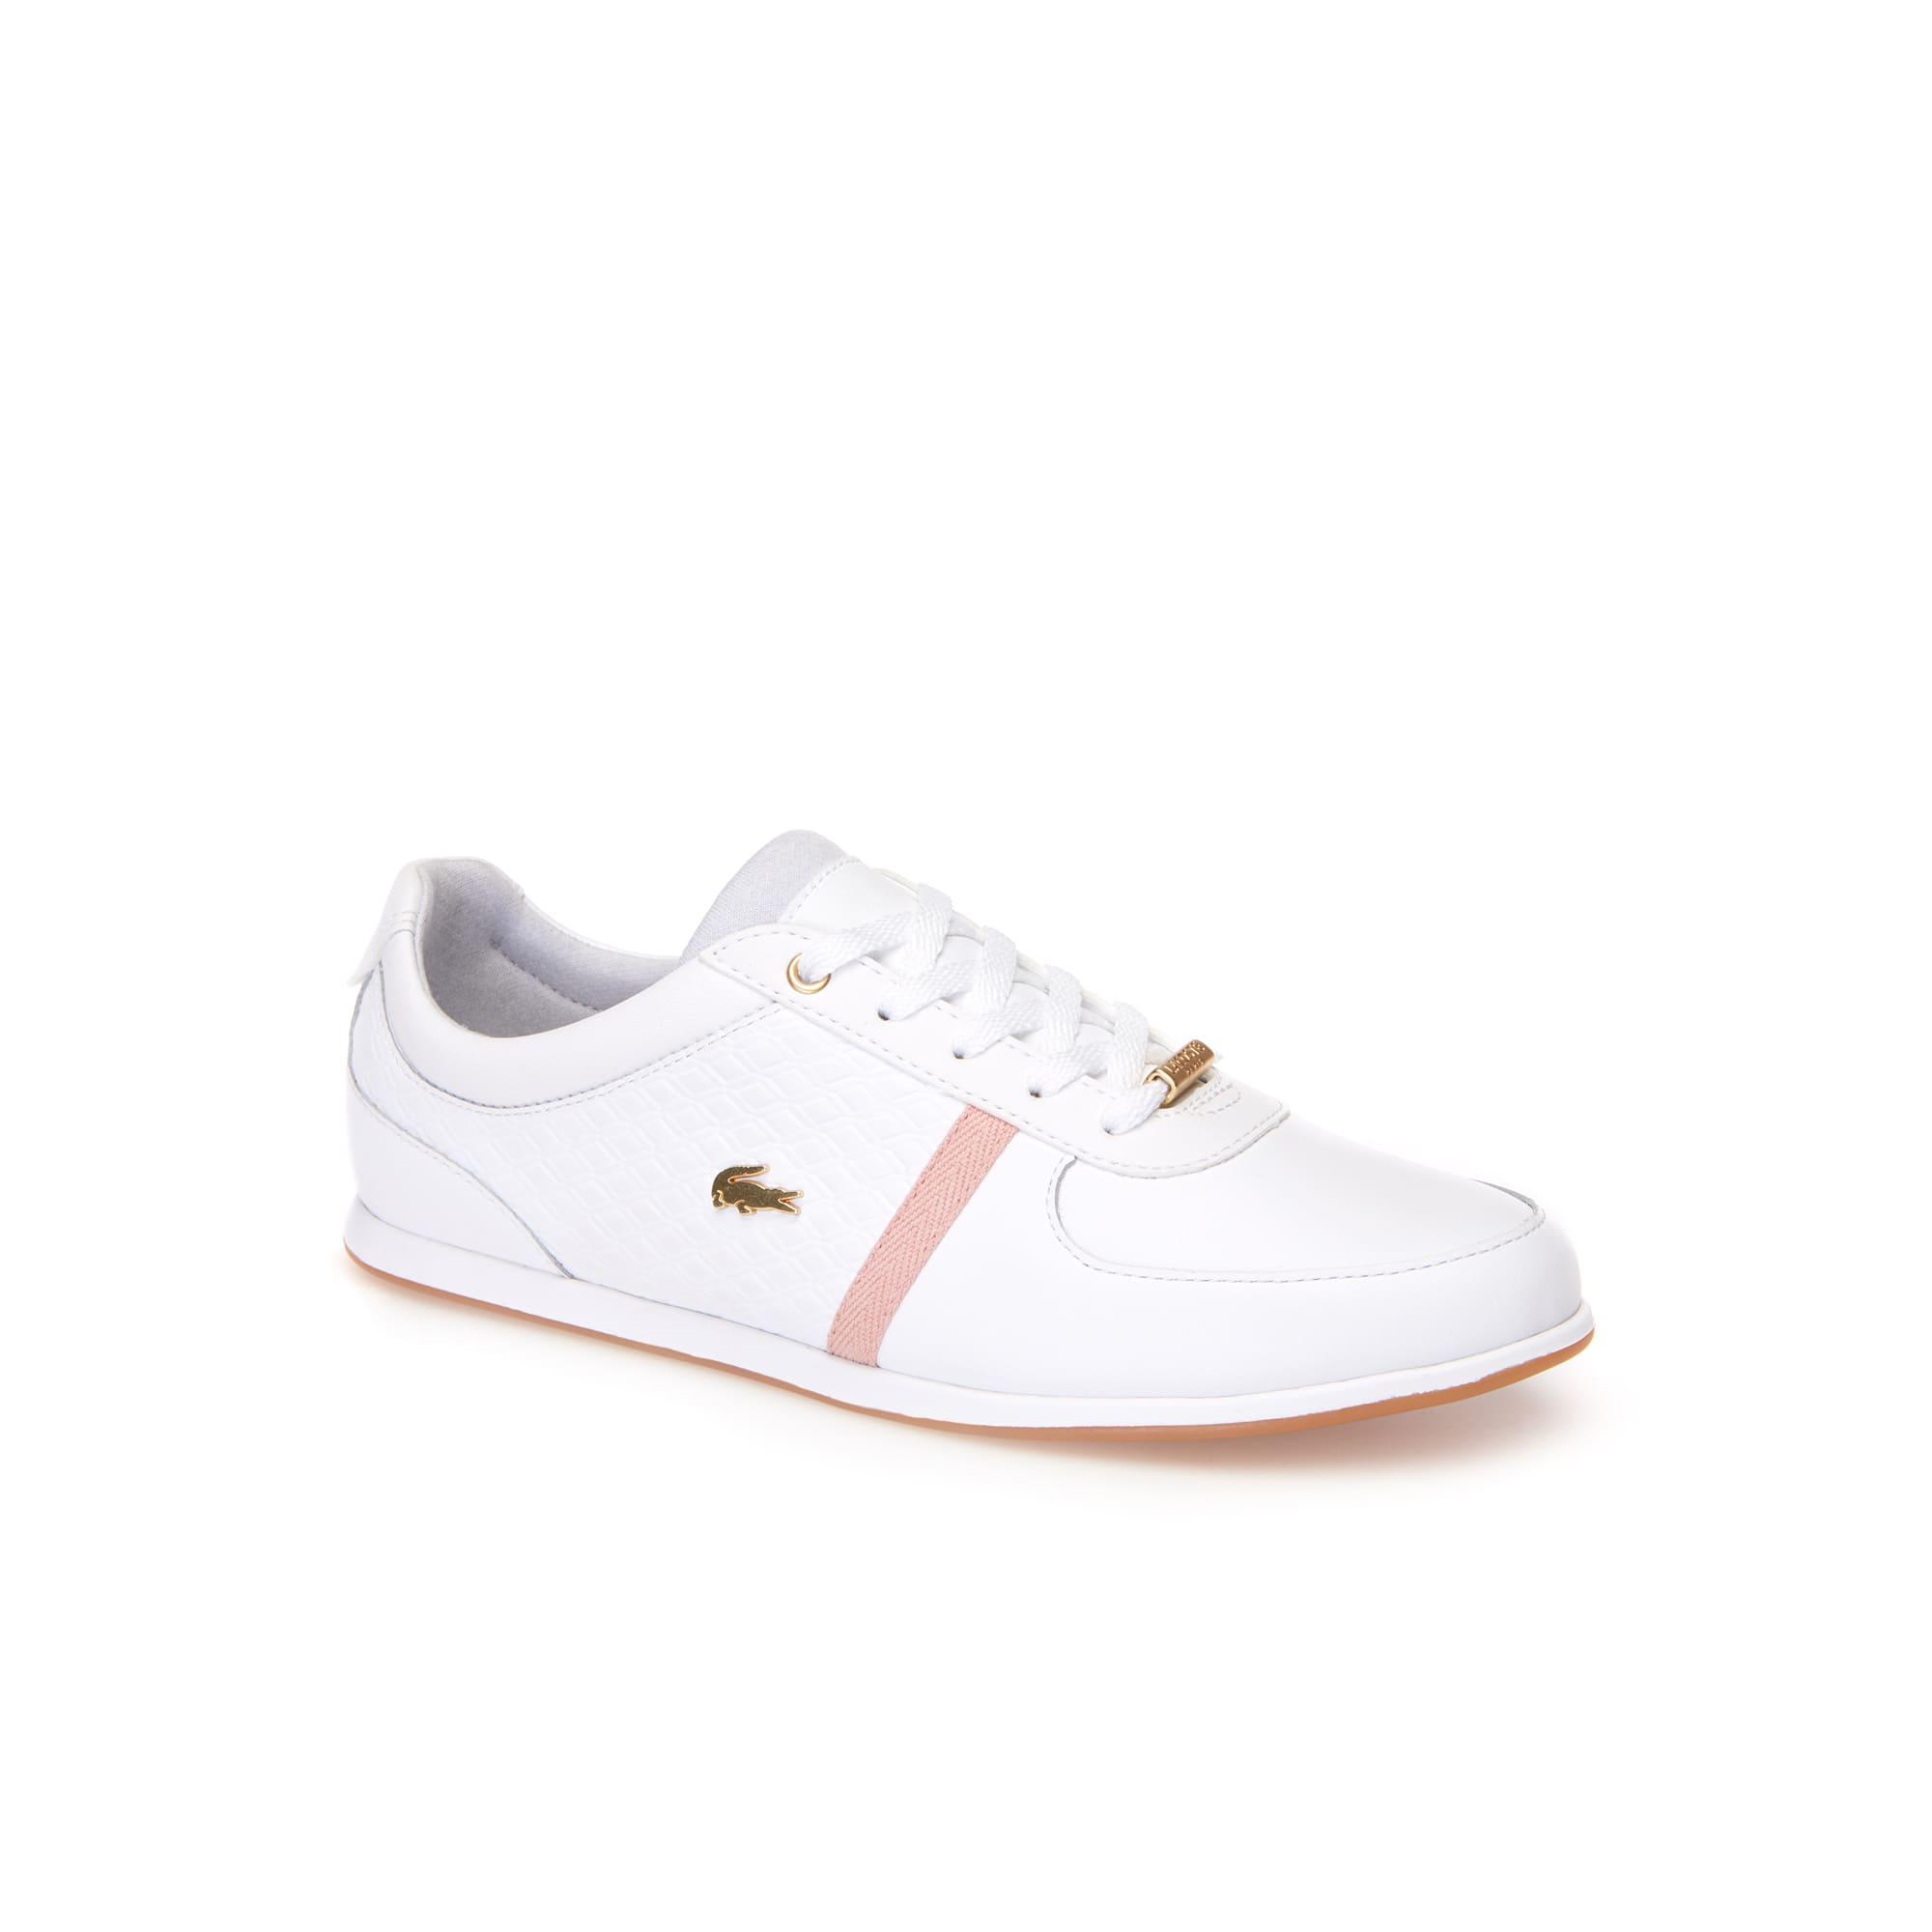 Lacoste Shoes Shoes Shop All Shoes Online Online All Shop Lacoste Lacoste  qg4p0w0ZE 5fbec850957